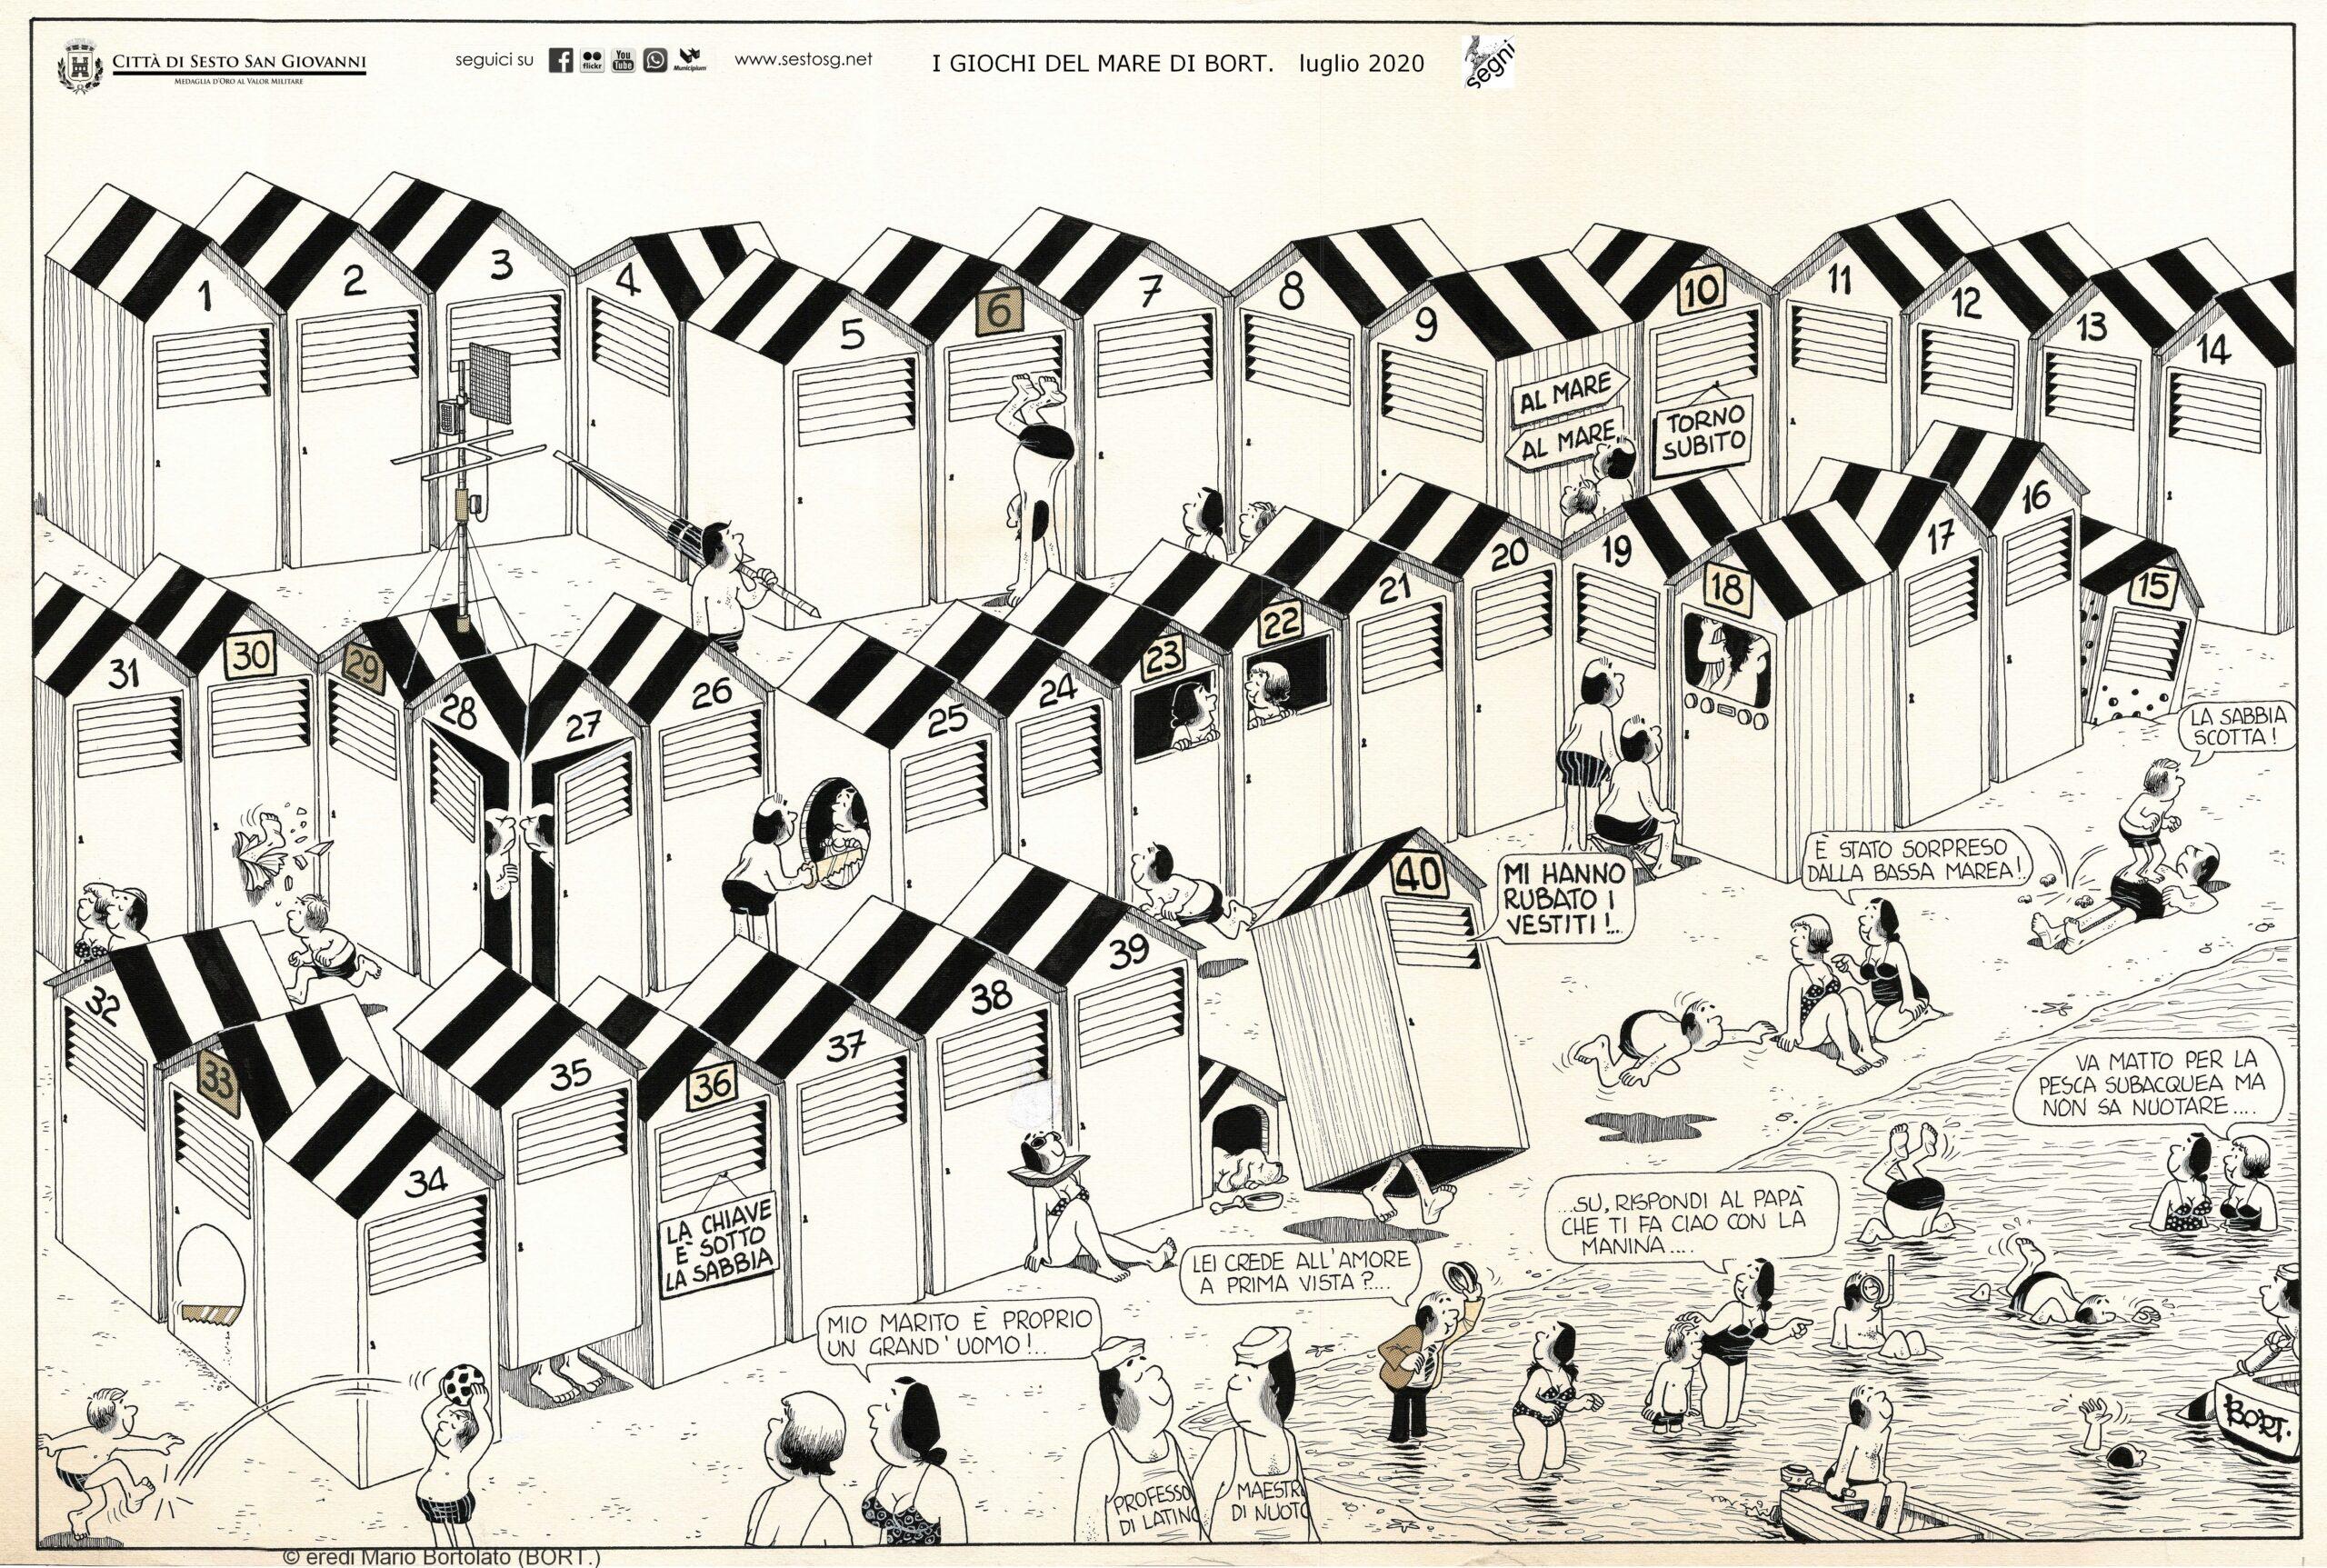 2 - Le cabine - BORT